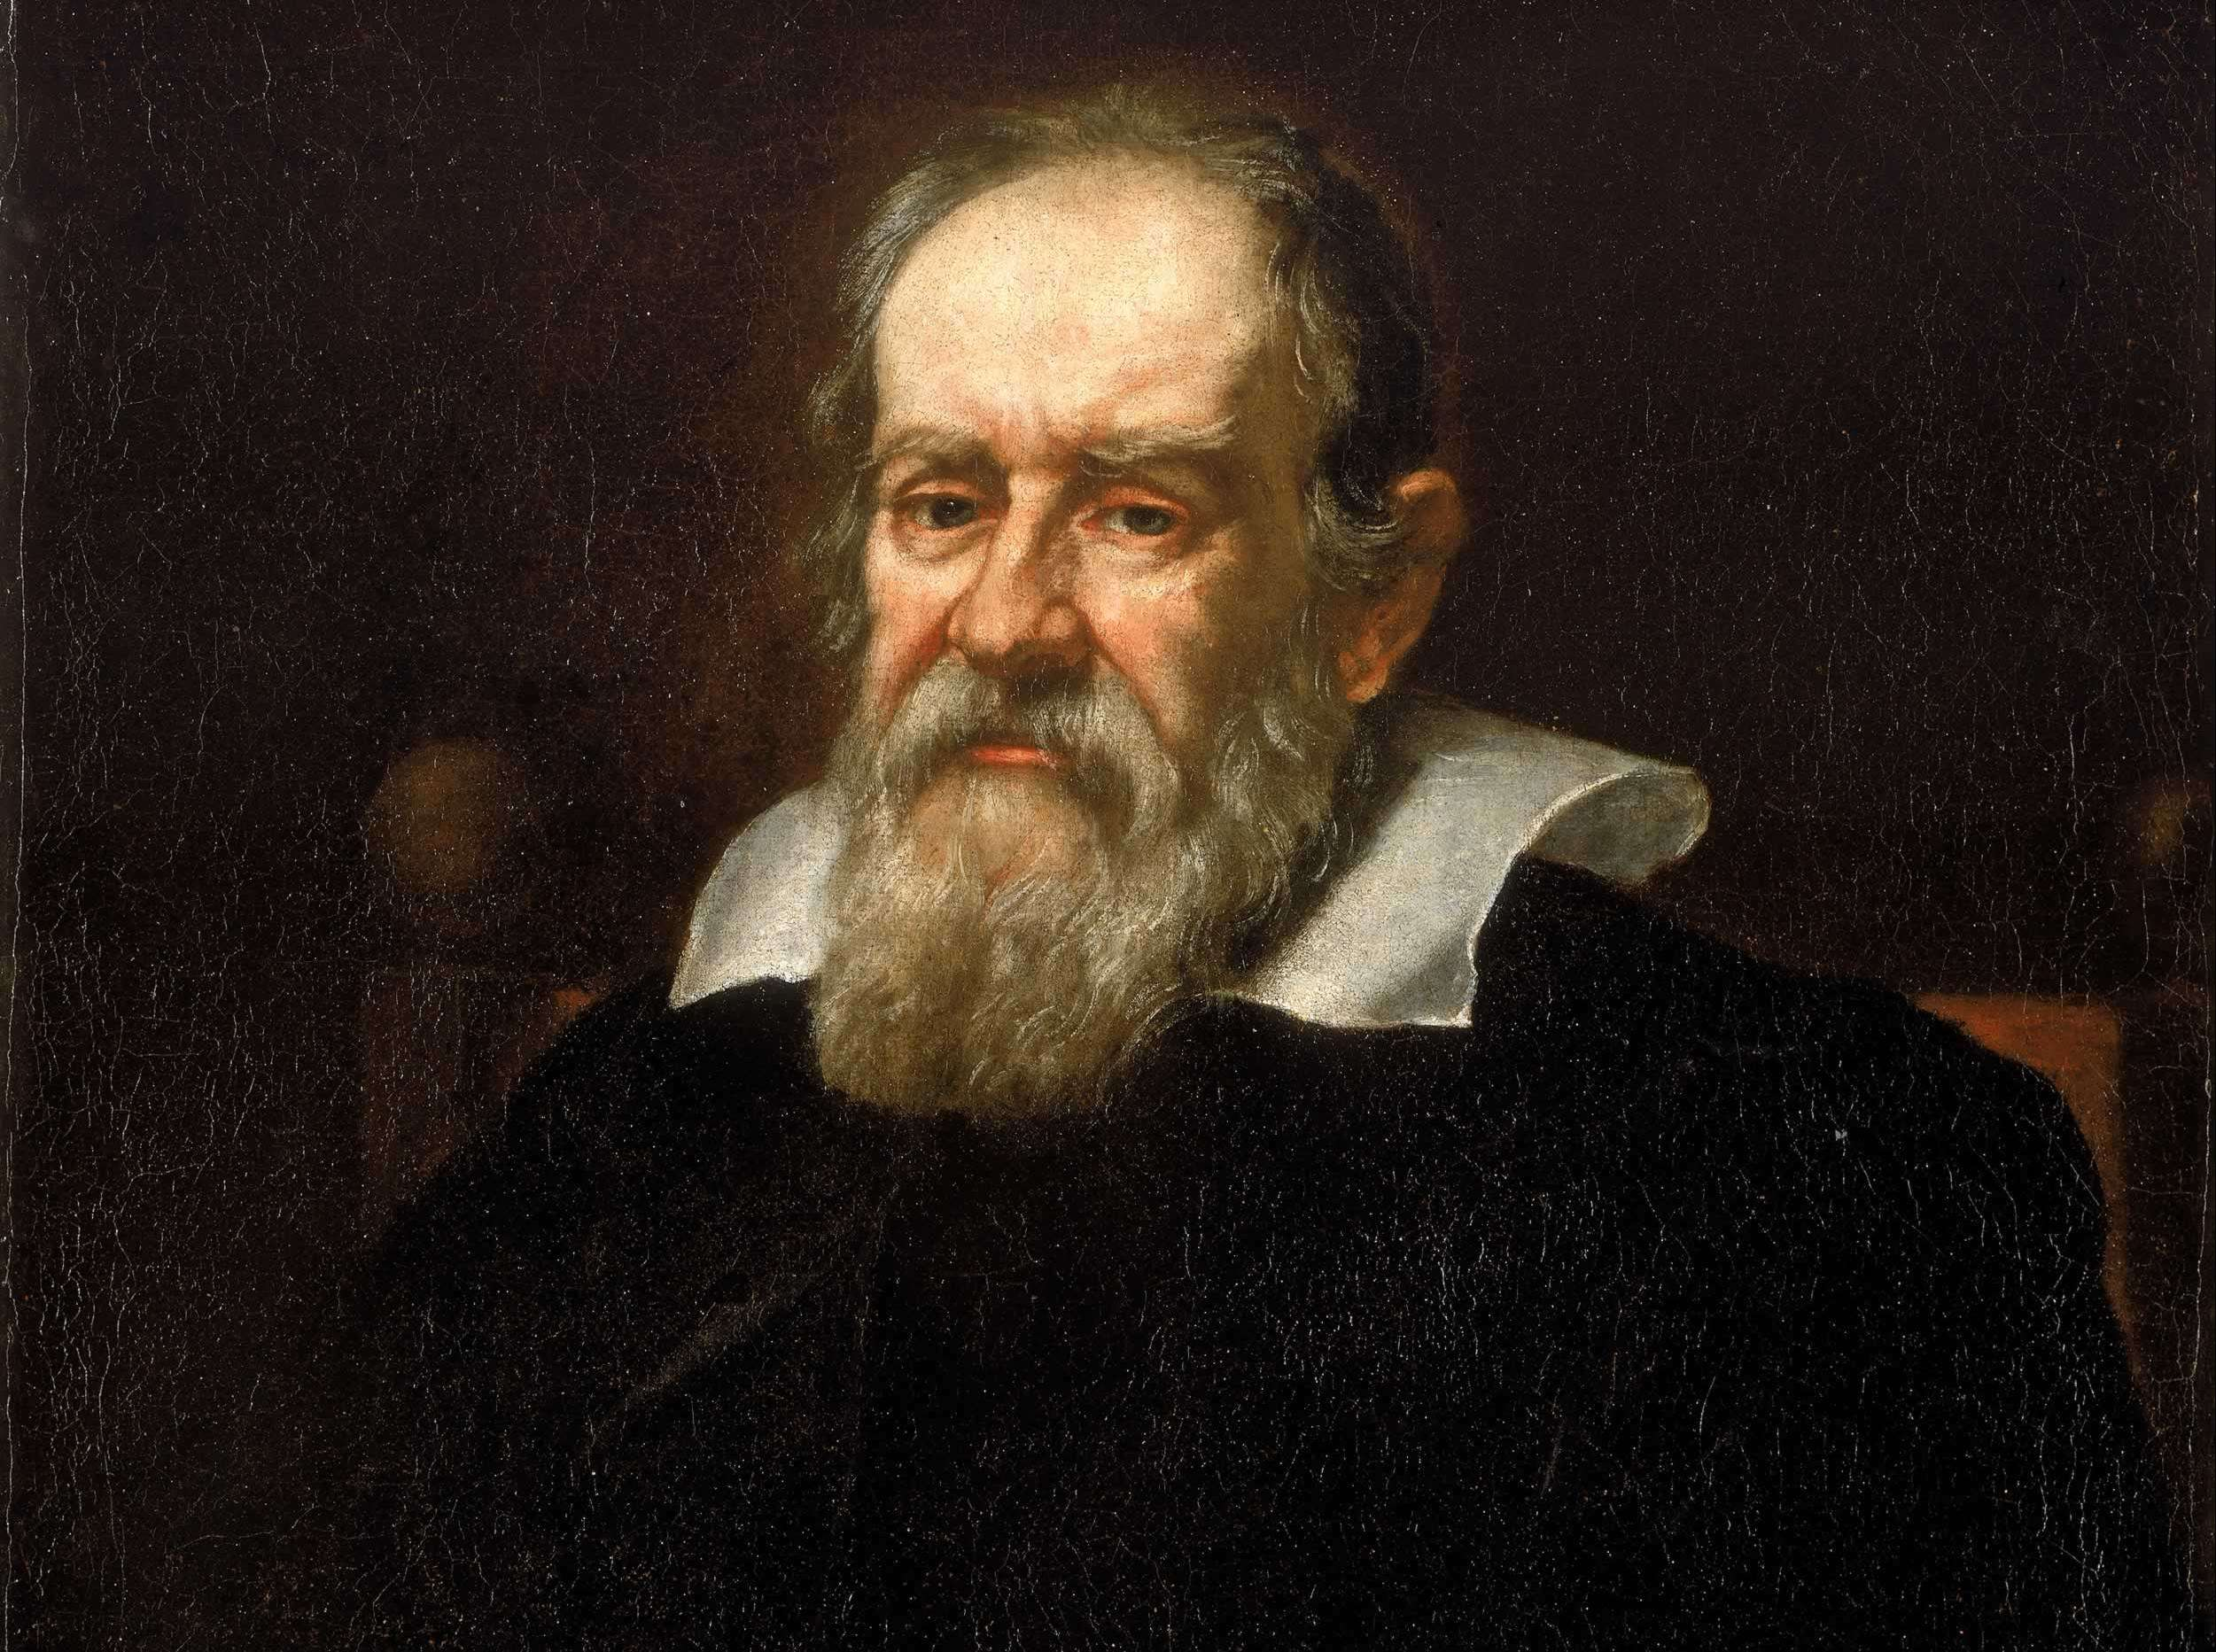 """?Ÿ ?""""?±?»???»?±?????' ?""""?±?»???»??? (Galileo Galilei, 15 ?¦???²????…?±??????… 1564 ?€"""" 8 ?™?±?½???…?±??????… 1642), ?³?½?‰?ƒ?""""?Œ?' ?‰?' ?""""?±?»???»?±?????', ???""""?±?½ ?™?""""?±?»?Œ?' ?†?…?ƒ?????Œ?', ???±???·???±?""""?????Œ?', ?±?ƒ?""""????½?Œ?????' ???±?? ?†???»?Œ?ƒ???†???', ?€???… ??€?±?????? ?ƒ?·???±?½?""""?????Œ ??Œ?»?? ?ƒ?""""?·?½ ???€???ƒ?""""?·?????½?????? ???€?±?½?¬?ƒ?""""?±?ƒ?·."""